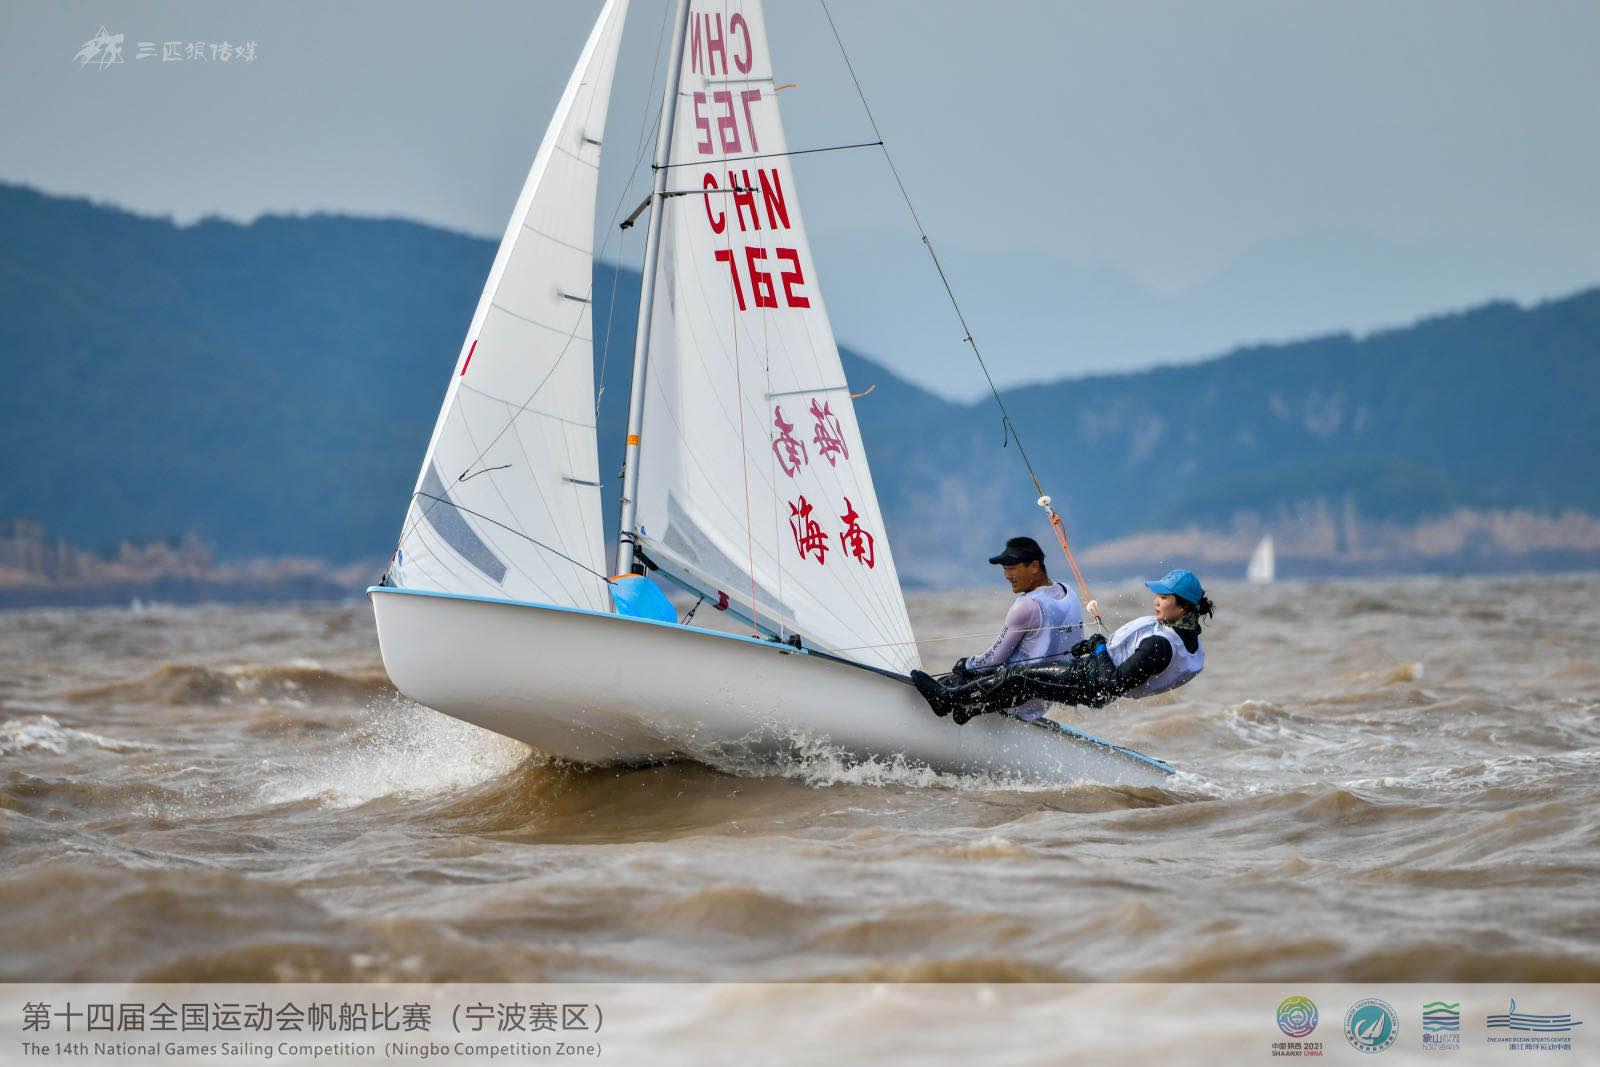 全运会海南再添奖牌!获帆船470级混合团体长距离赛铜牌!